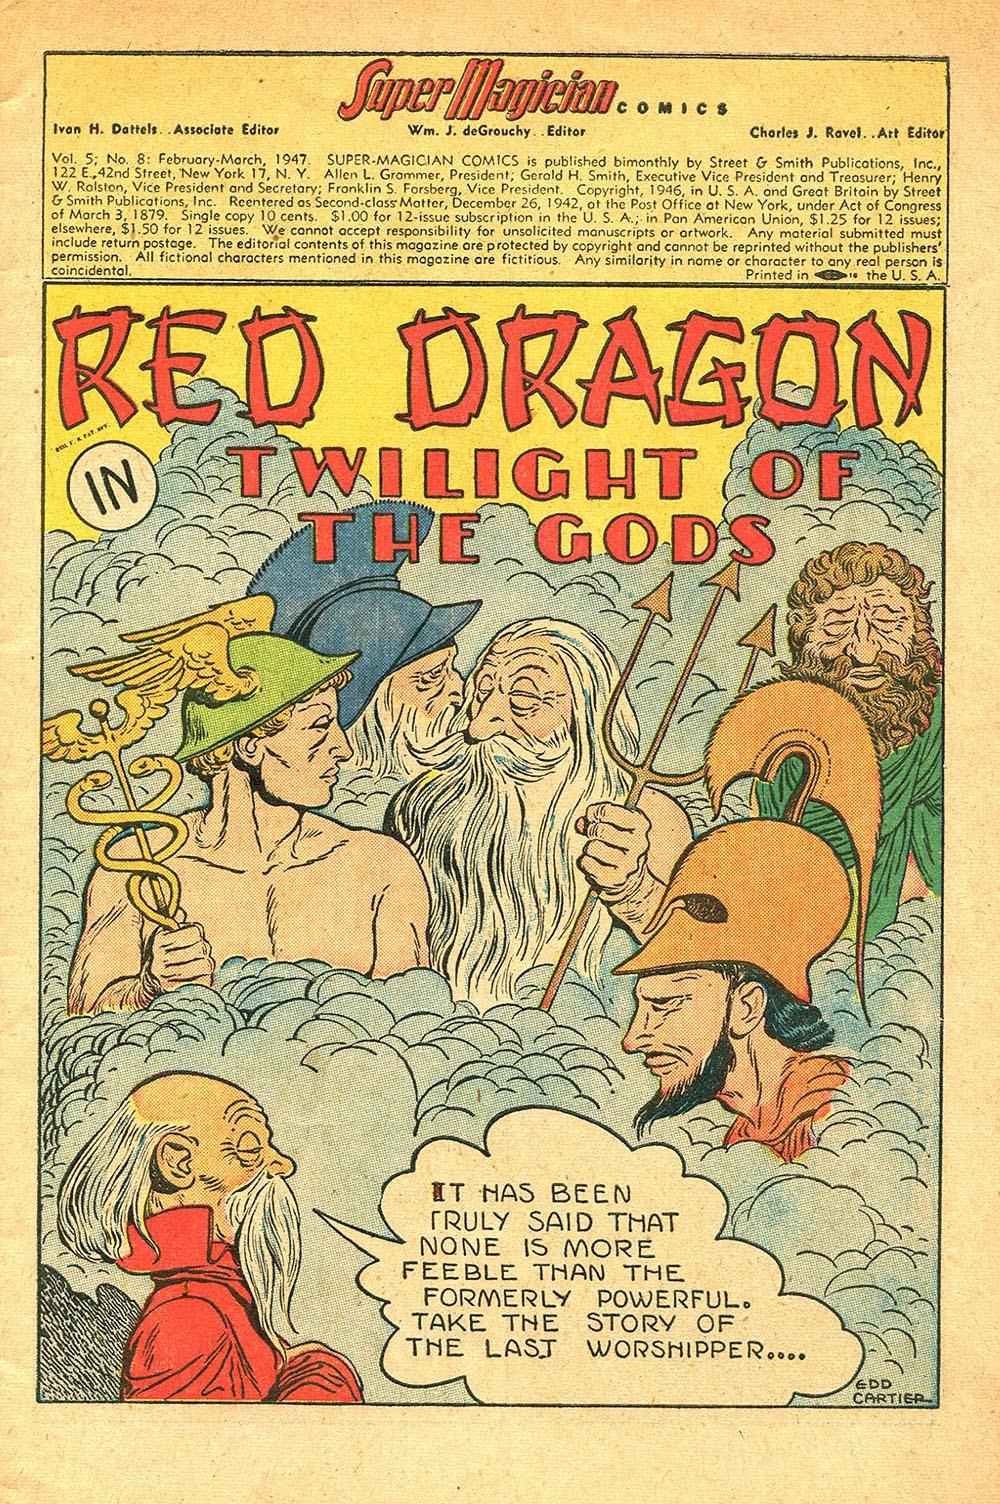 Read online Super-Magician Comics comic -  Issue #56 - 3